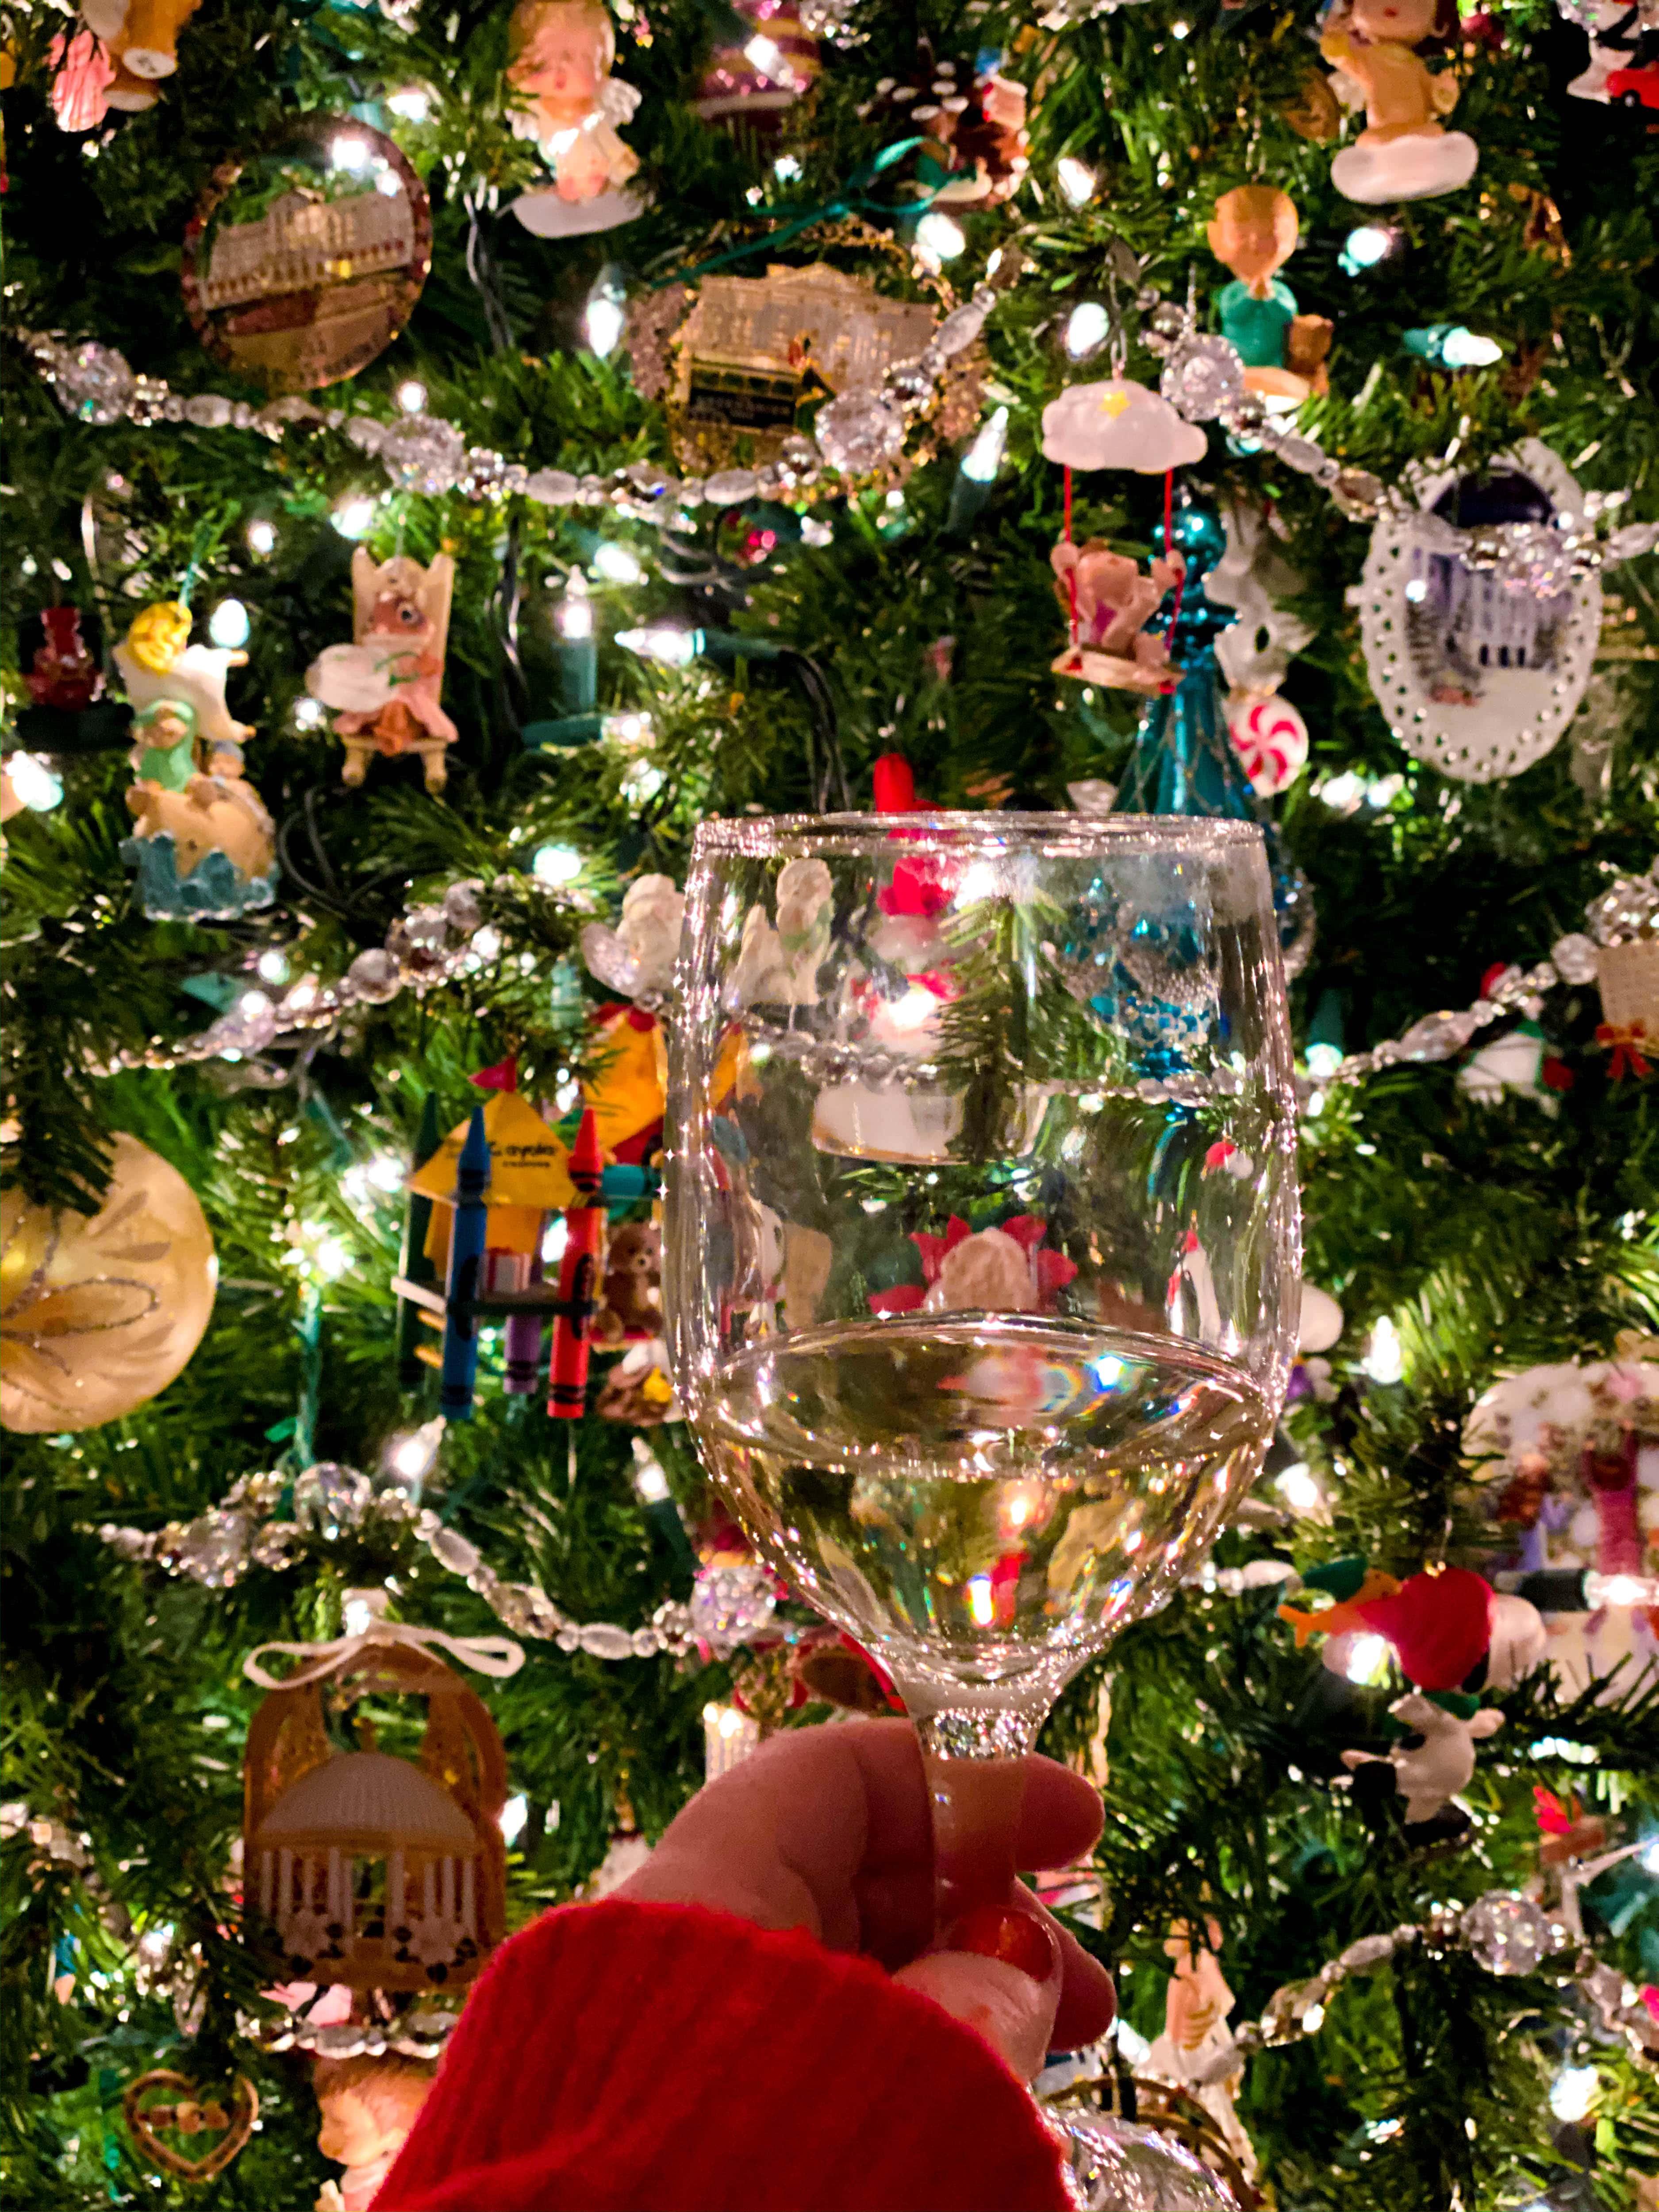 vacaciones de navidad 2019